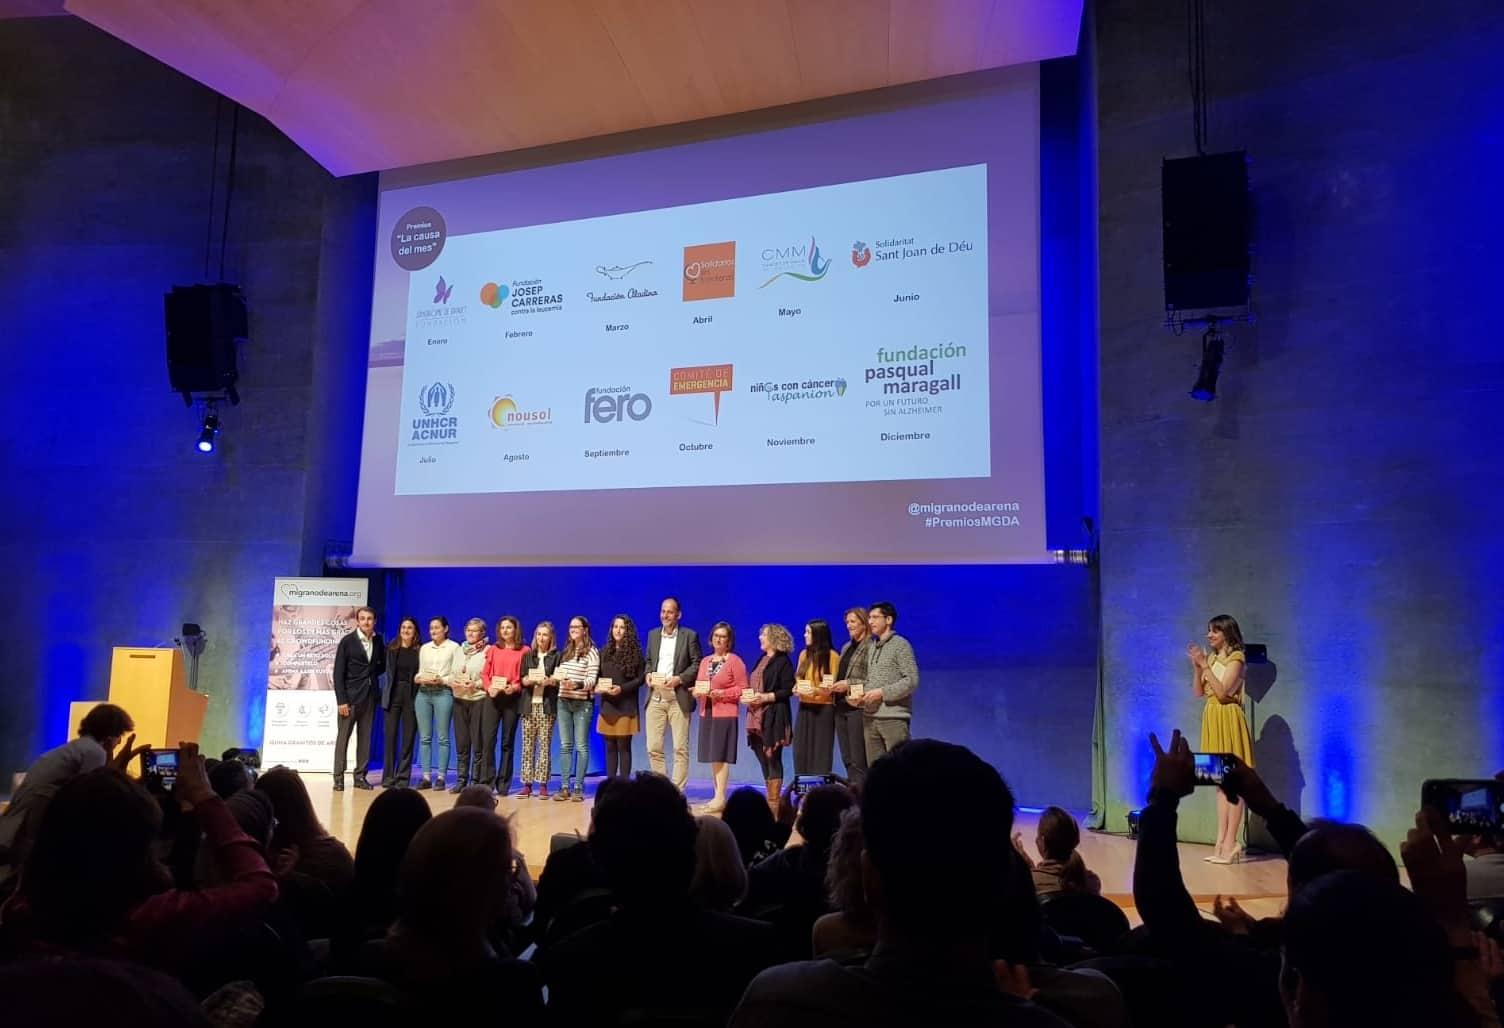 La Fundació Pasqual Maragall va ser lentitat social amb més donacions a migranodearena.org durant el mes de març